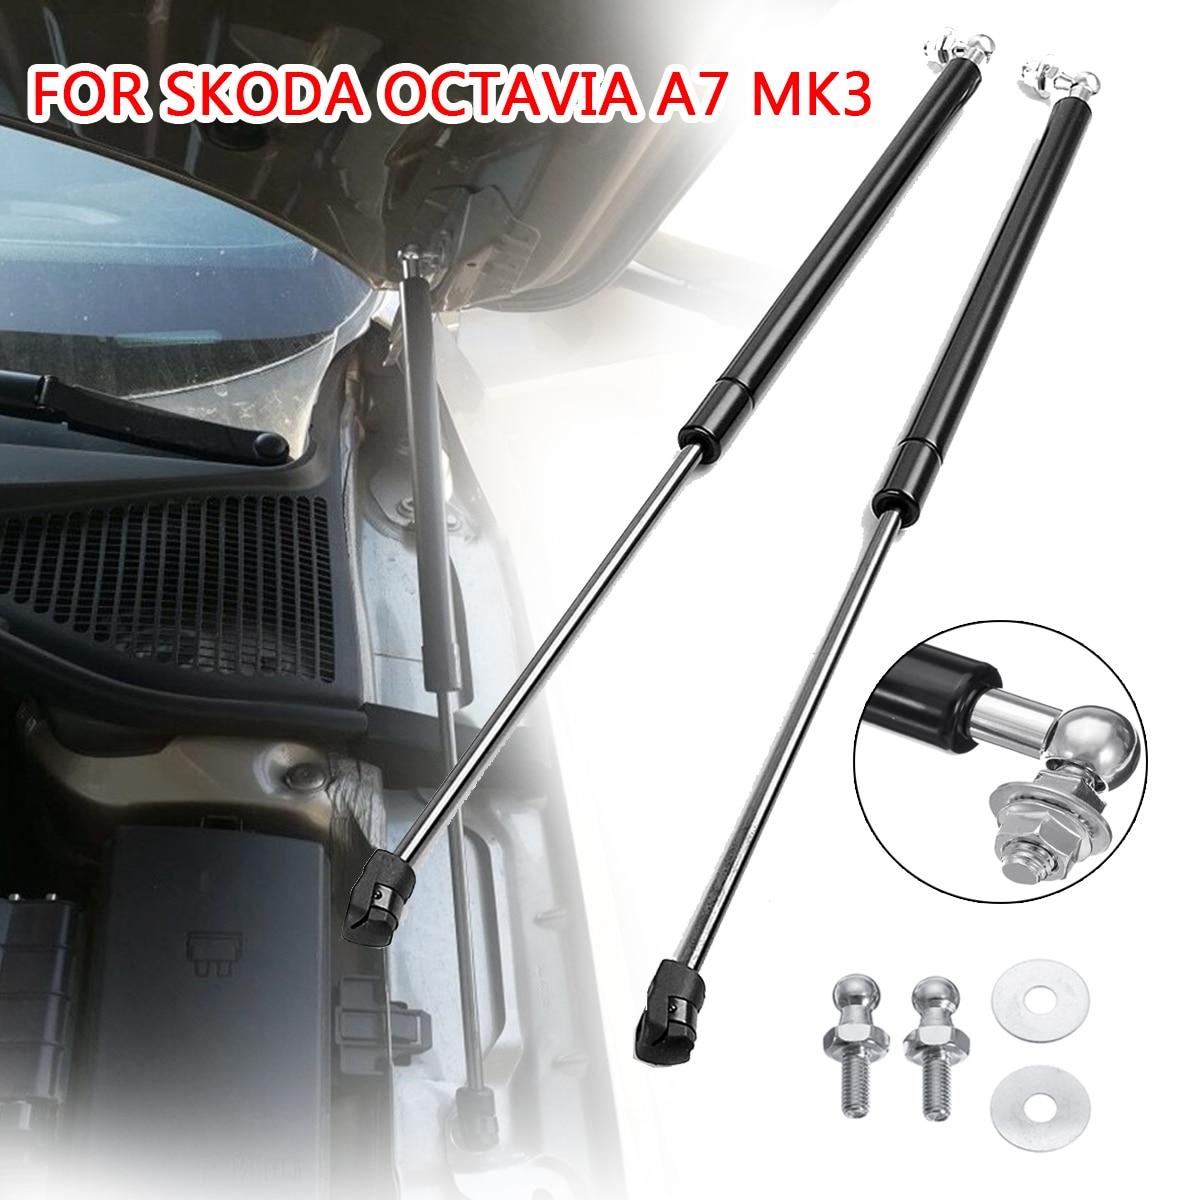 2 Pz Auto Ammortizzatore A Gas Hood Ascensore Supporto Ammortizzatore Tipo Mcpherson Ammortizzatore per Skoda Octavia A7 MK3 In Acciaio Inox Asta Idraulica Auto accessori